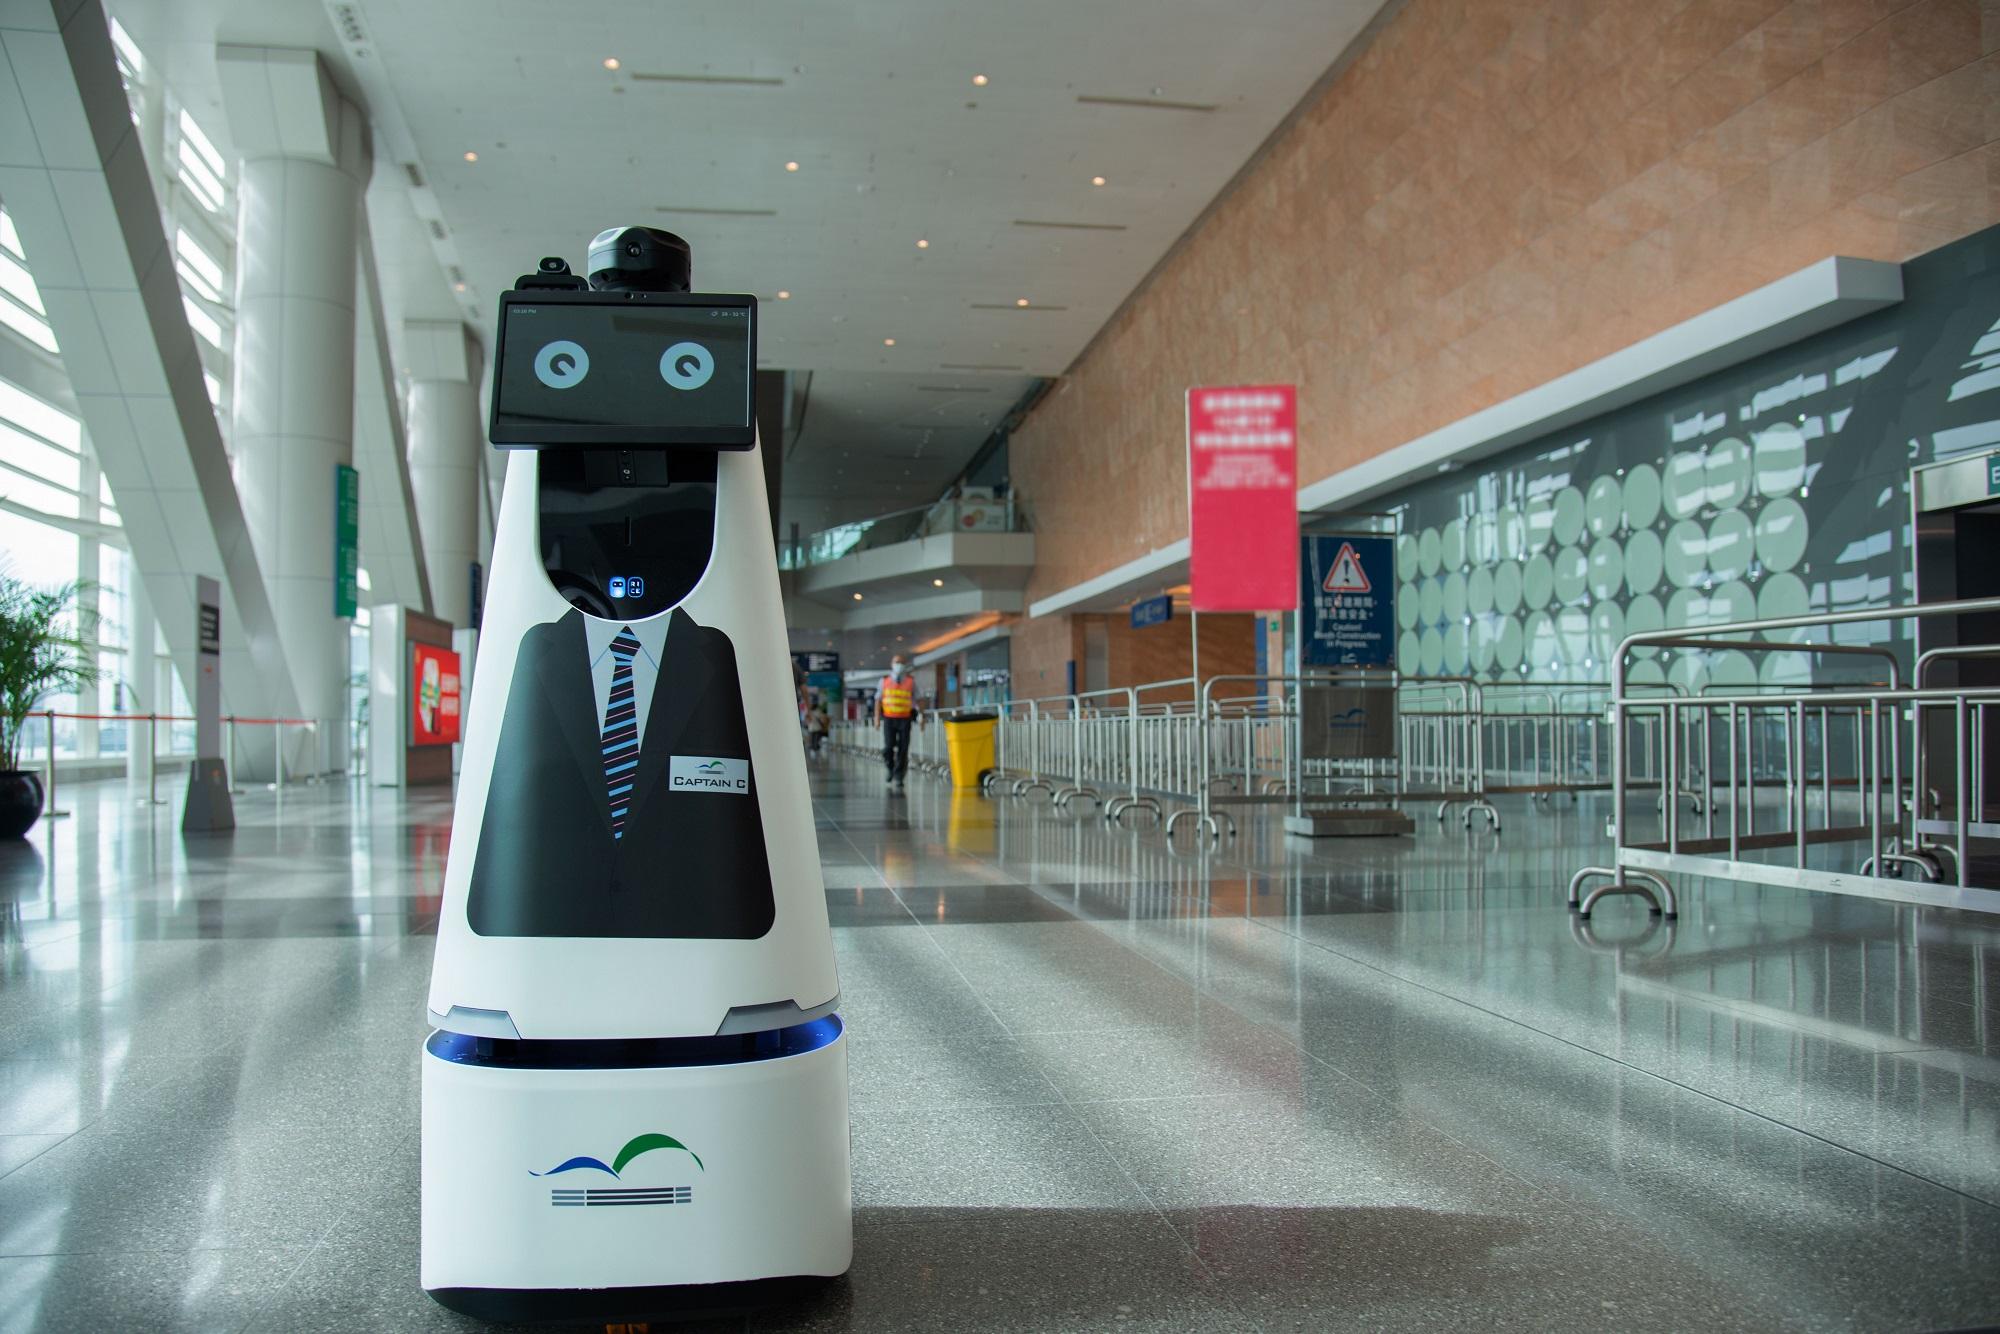 香港會議展覽中心全面覆蓋5G網絡 首度應用5G智能機械人當電腦節見習保安隊長 推動創科  提升營運效率